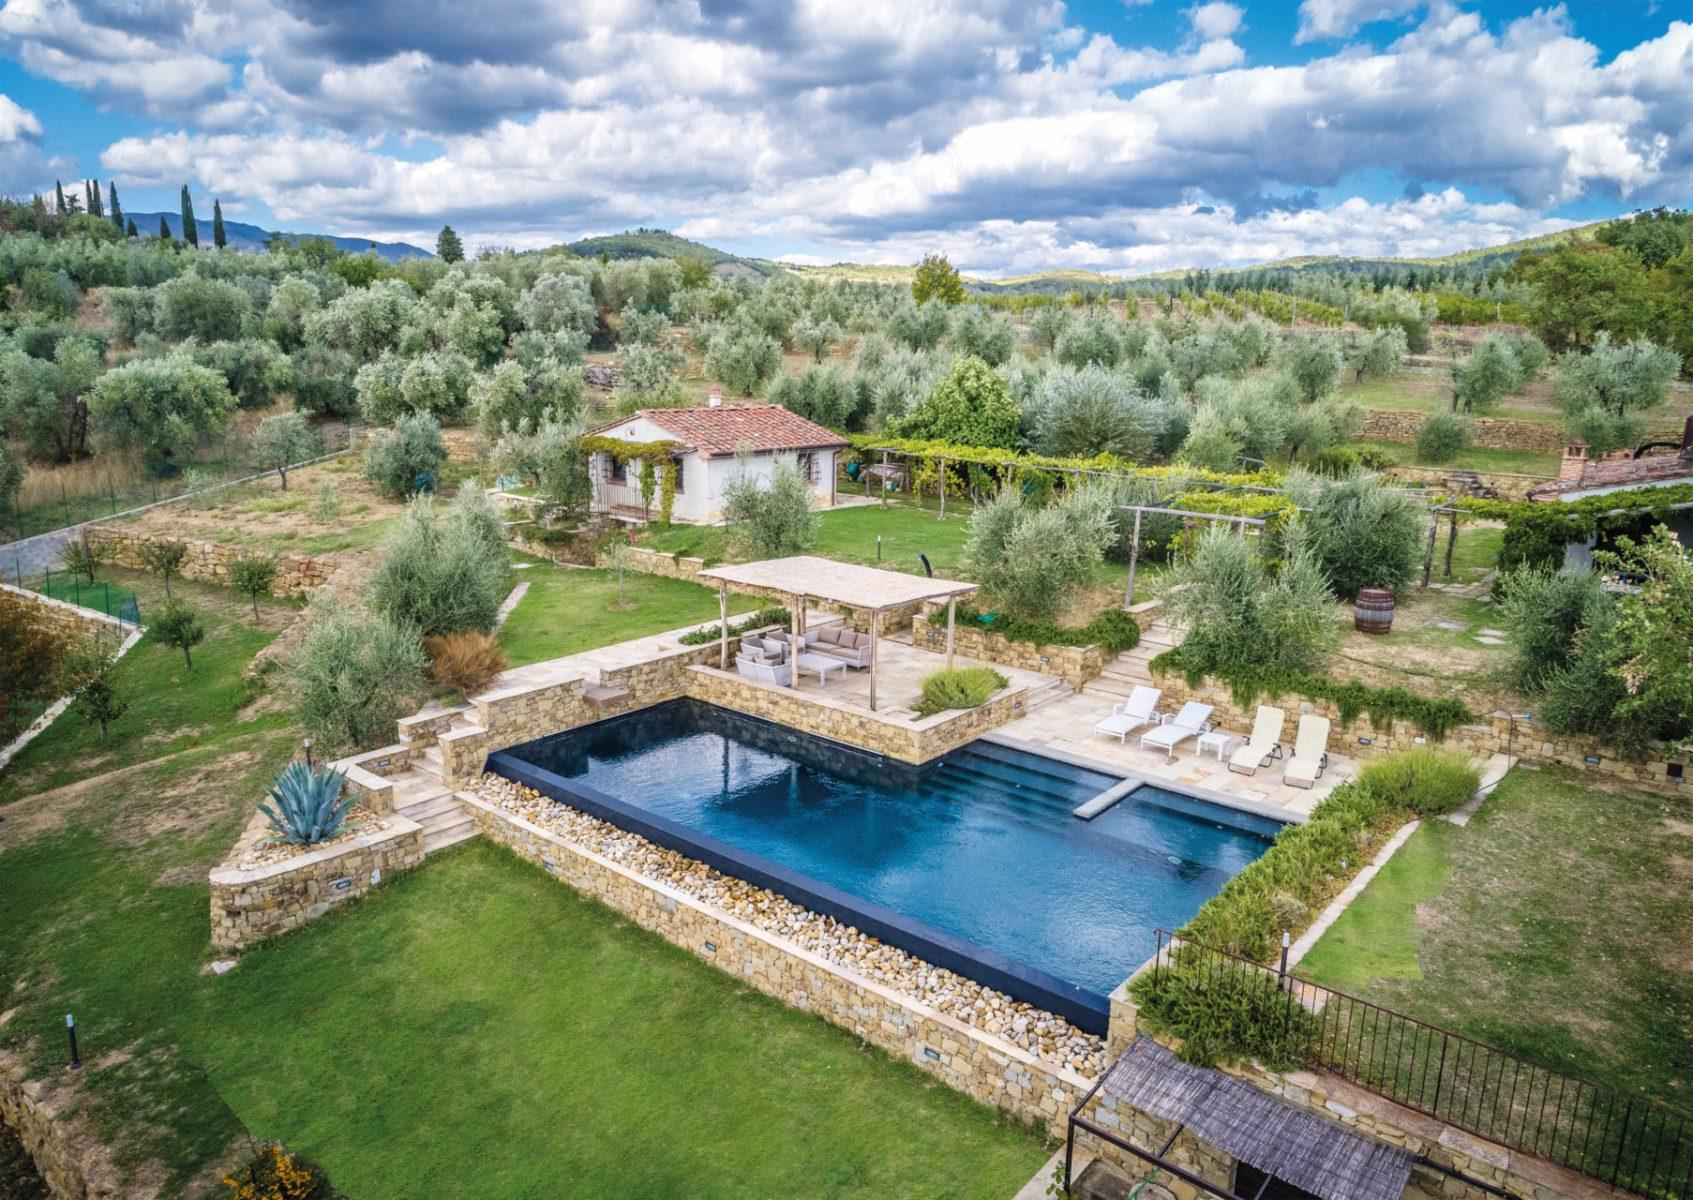 Ville casali piscine castiglione la forma dell 39 acqua for Castiglione piscine